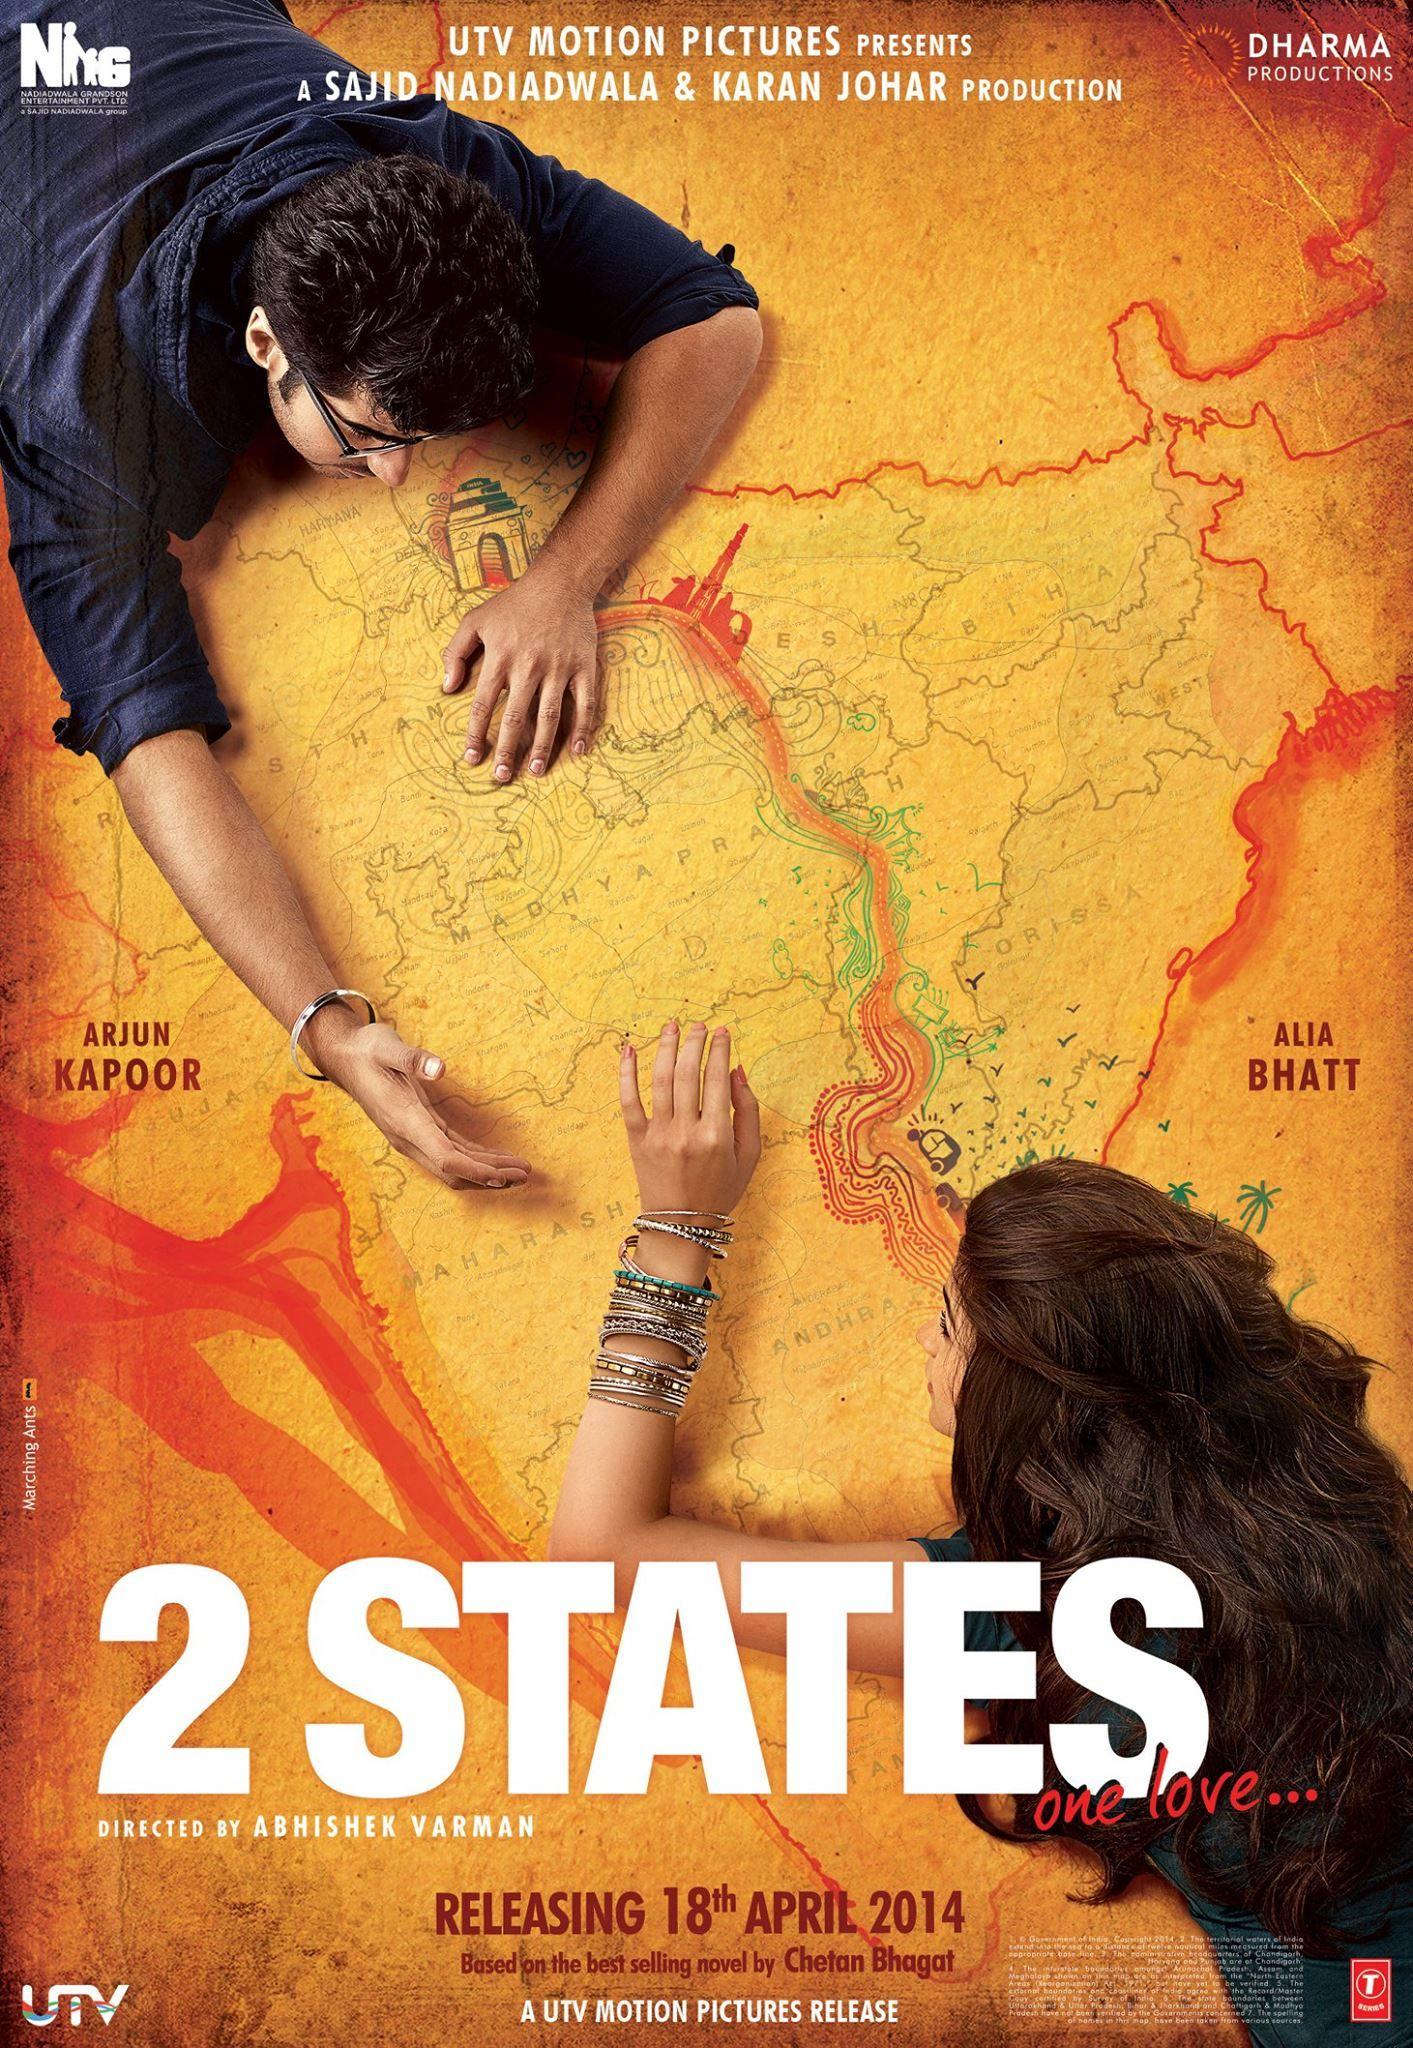 2 States 2 States Movie Bollywood Movie Hindi Movies